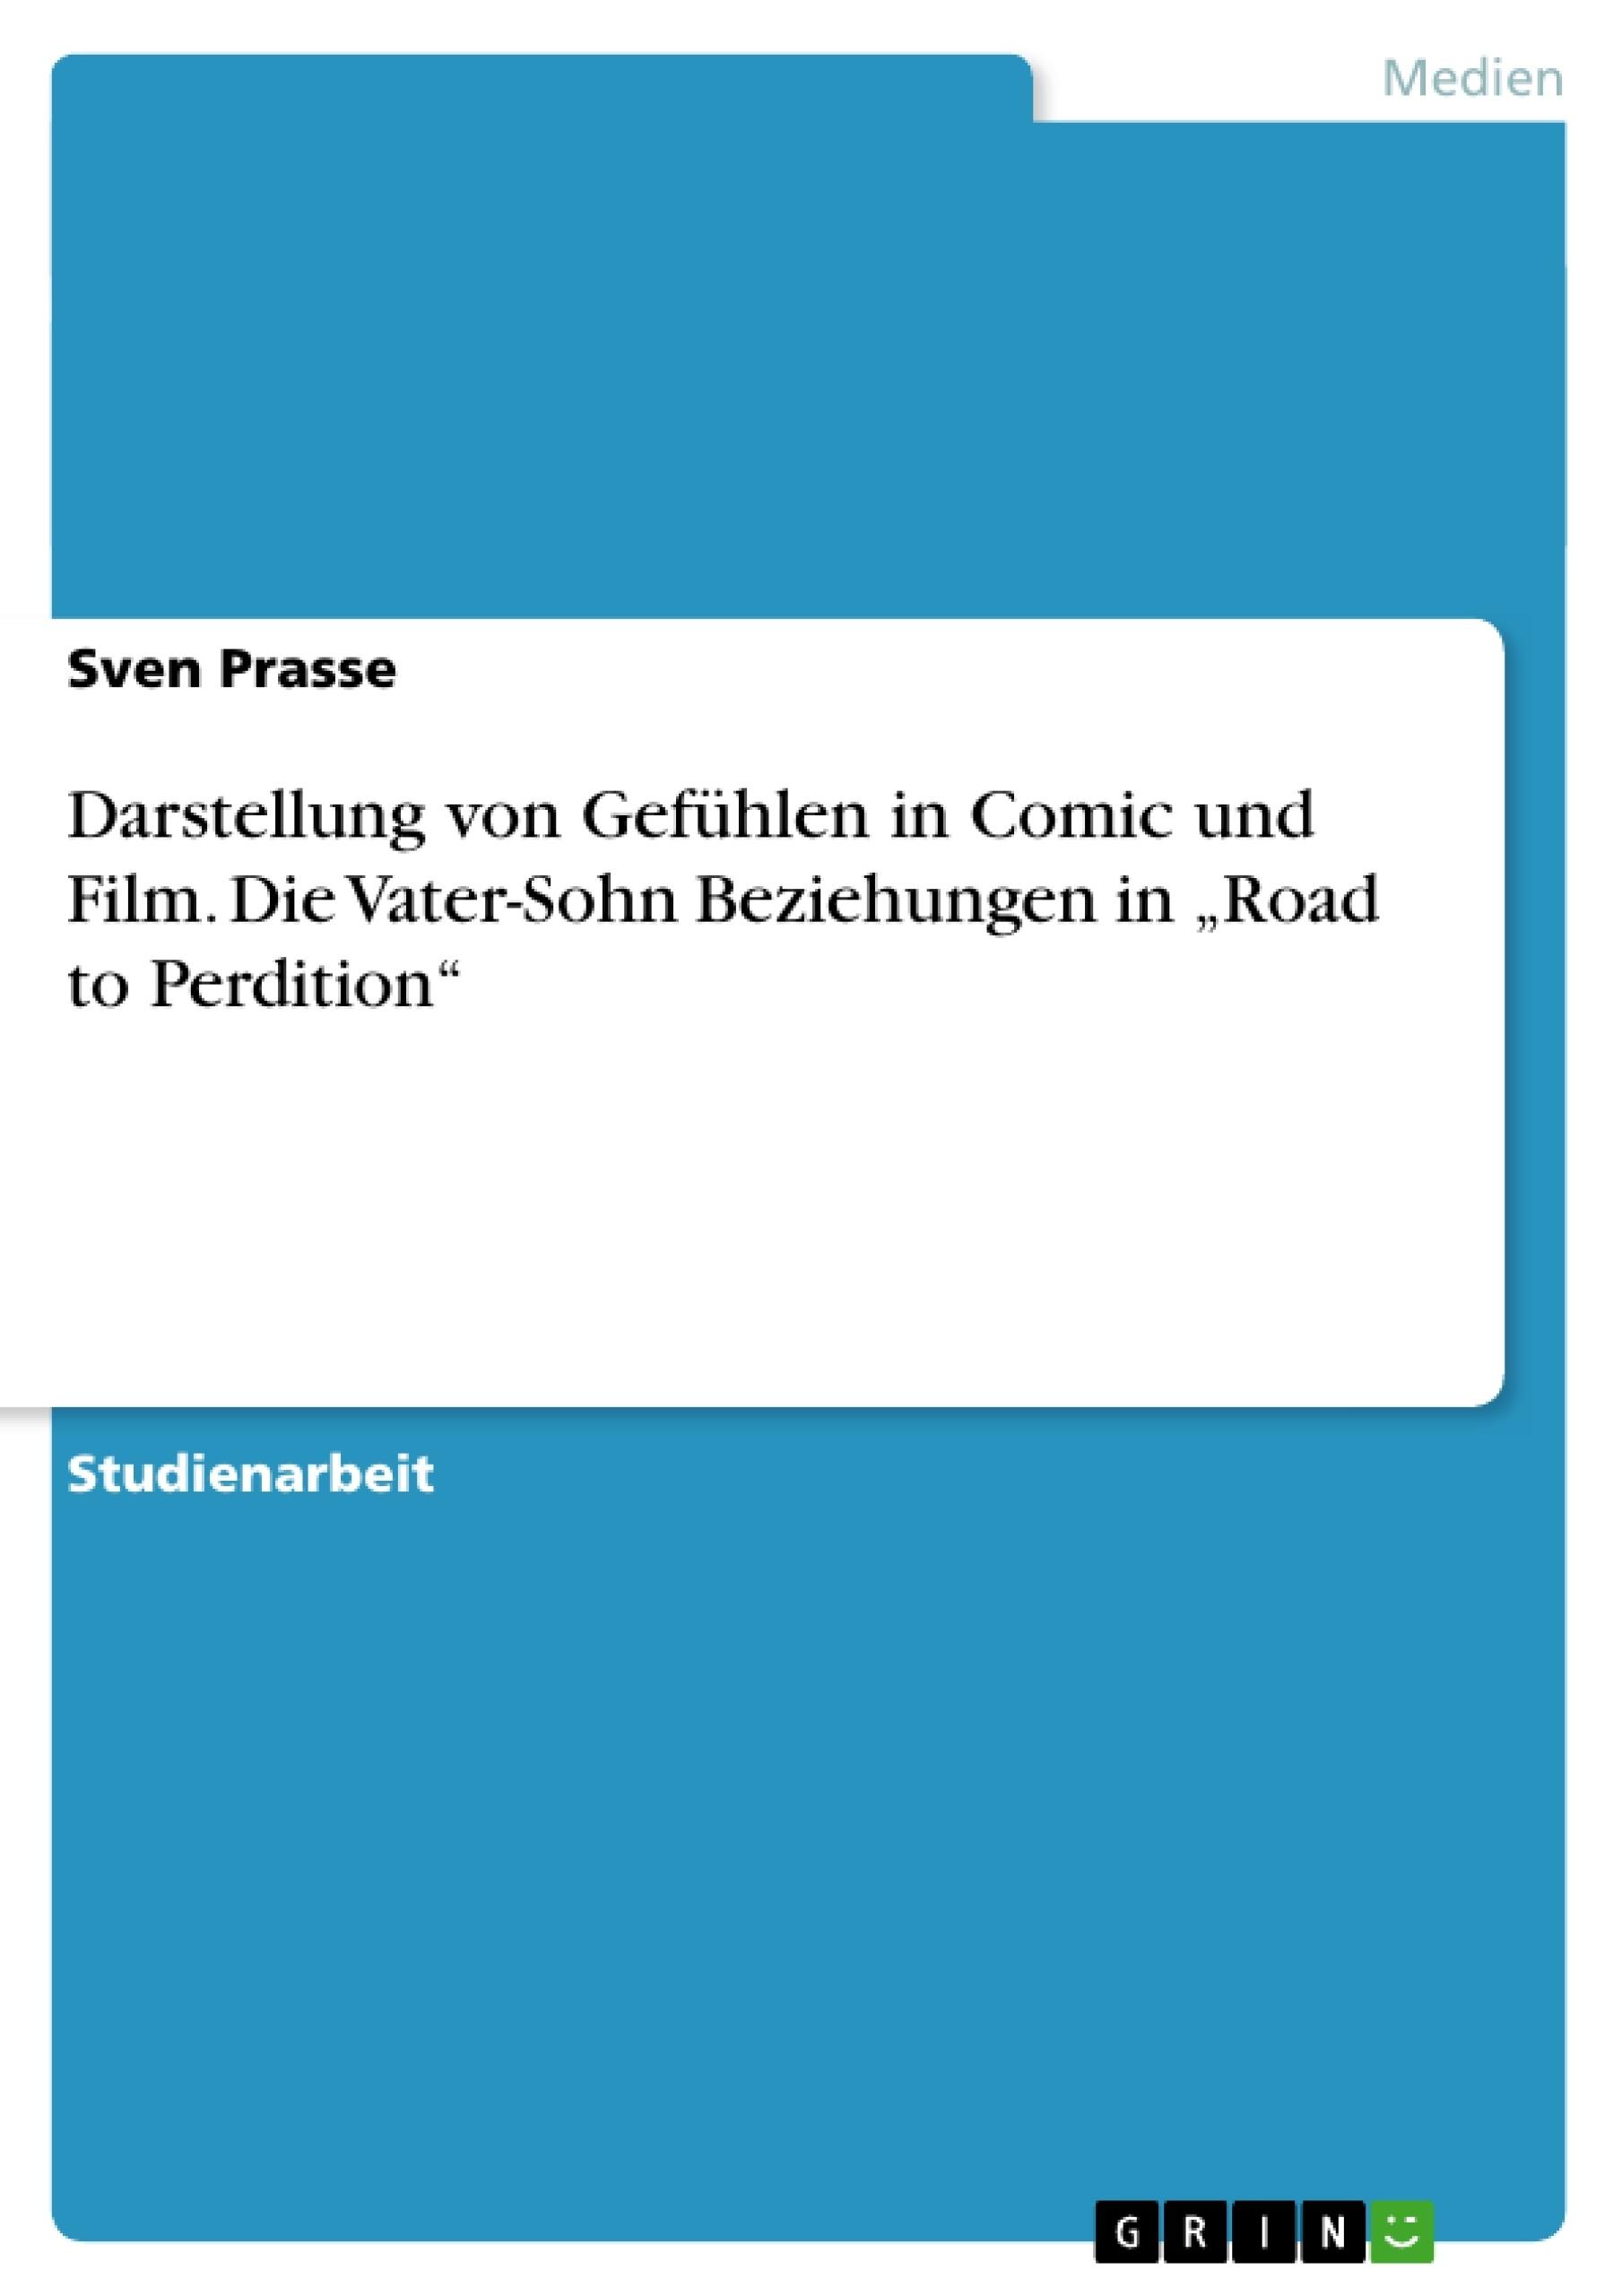 """Titel: Darstellung von Gefühlen in Comic und Film. Die Vater-Sohn Beziehungen in """"Road to Perdition"""""""